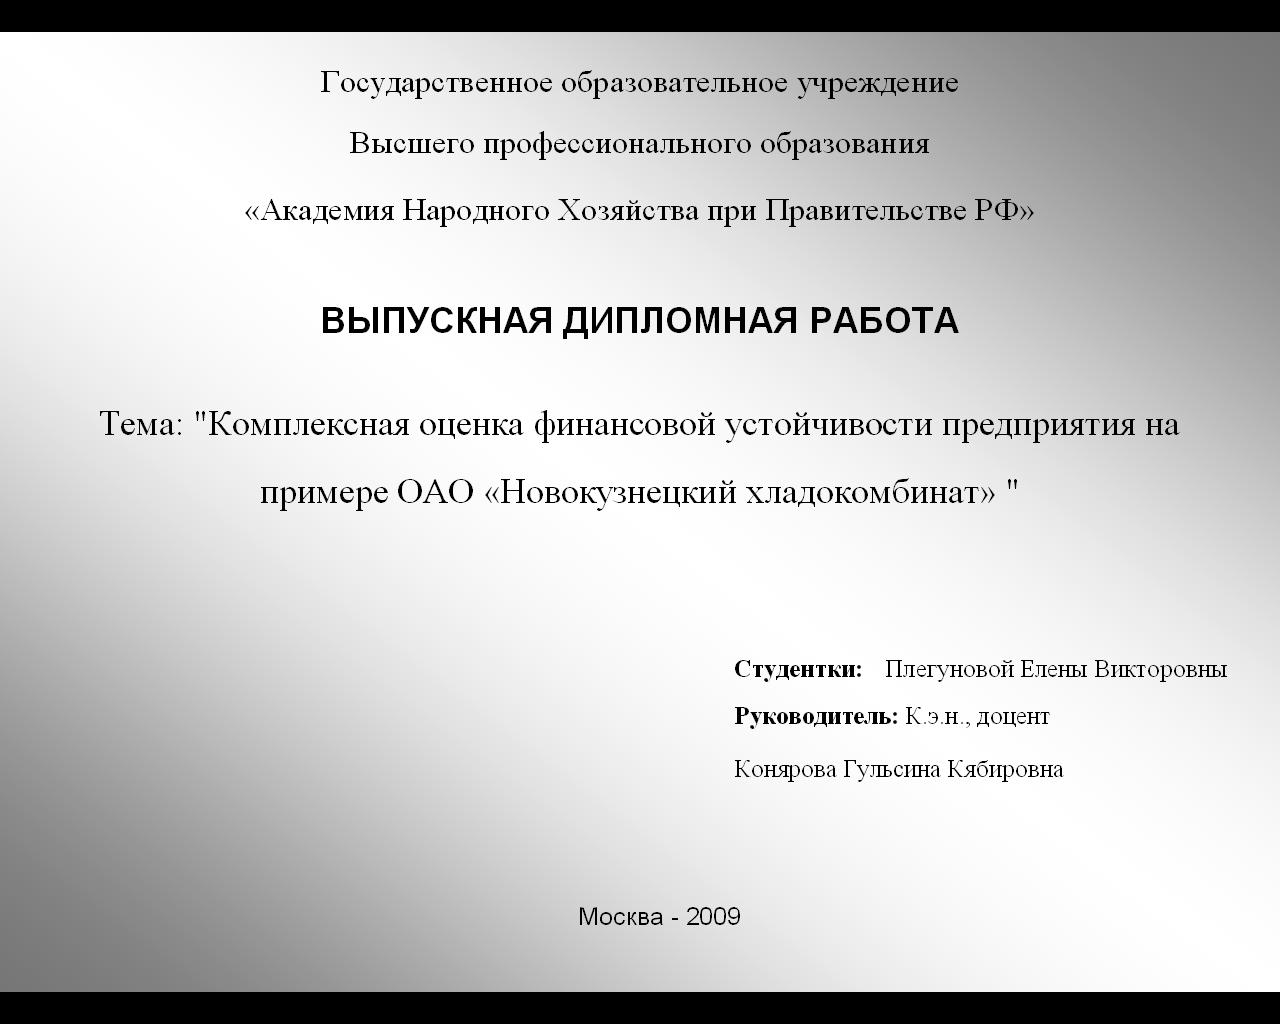 Презентация дипломной работы Июнь год Презентации  Скачать презентацию к диплому